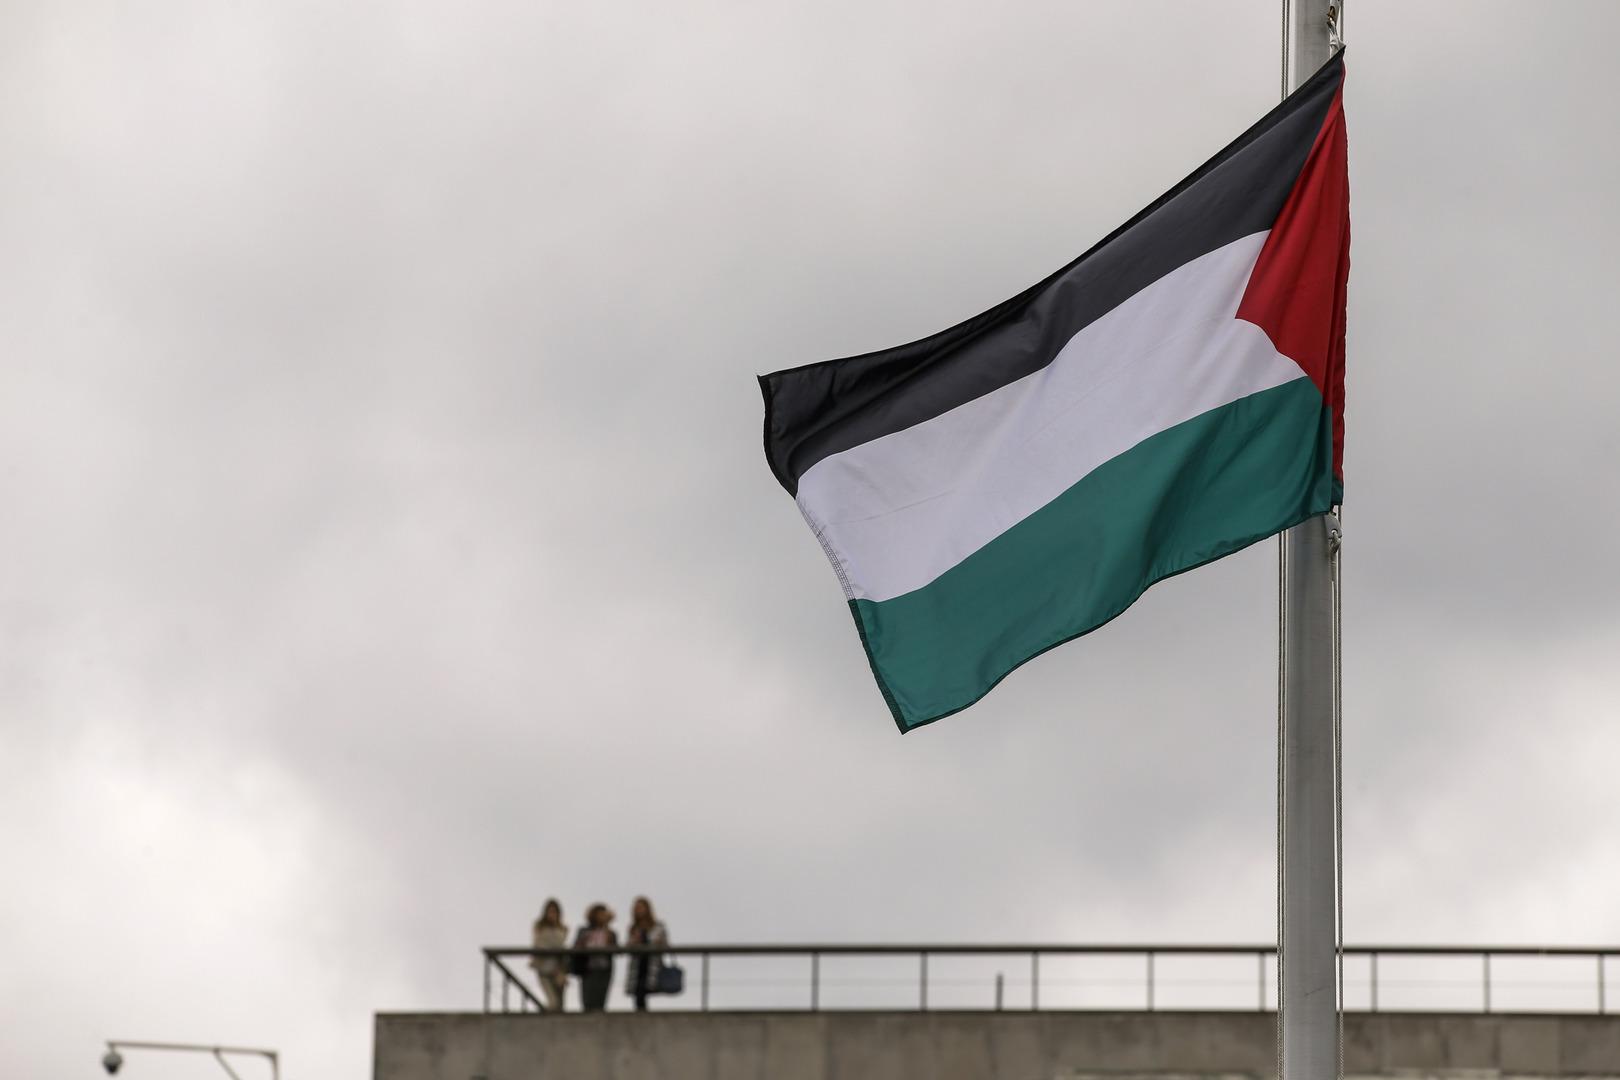 فلسطين: خوف الدول من اتهامها باللاسامية يشجع إسرائيل على التمرد